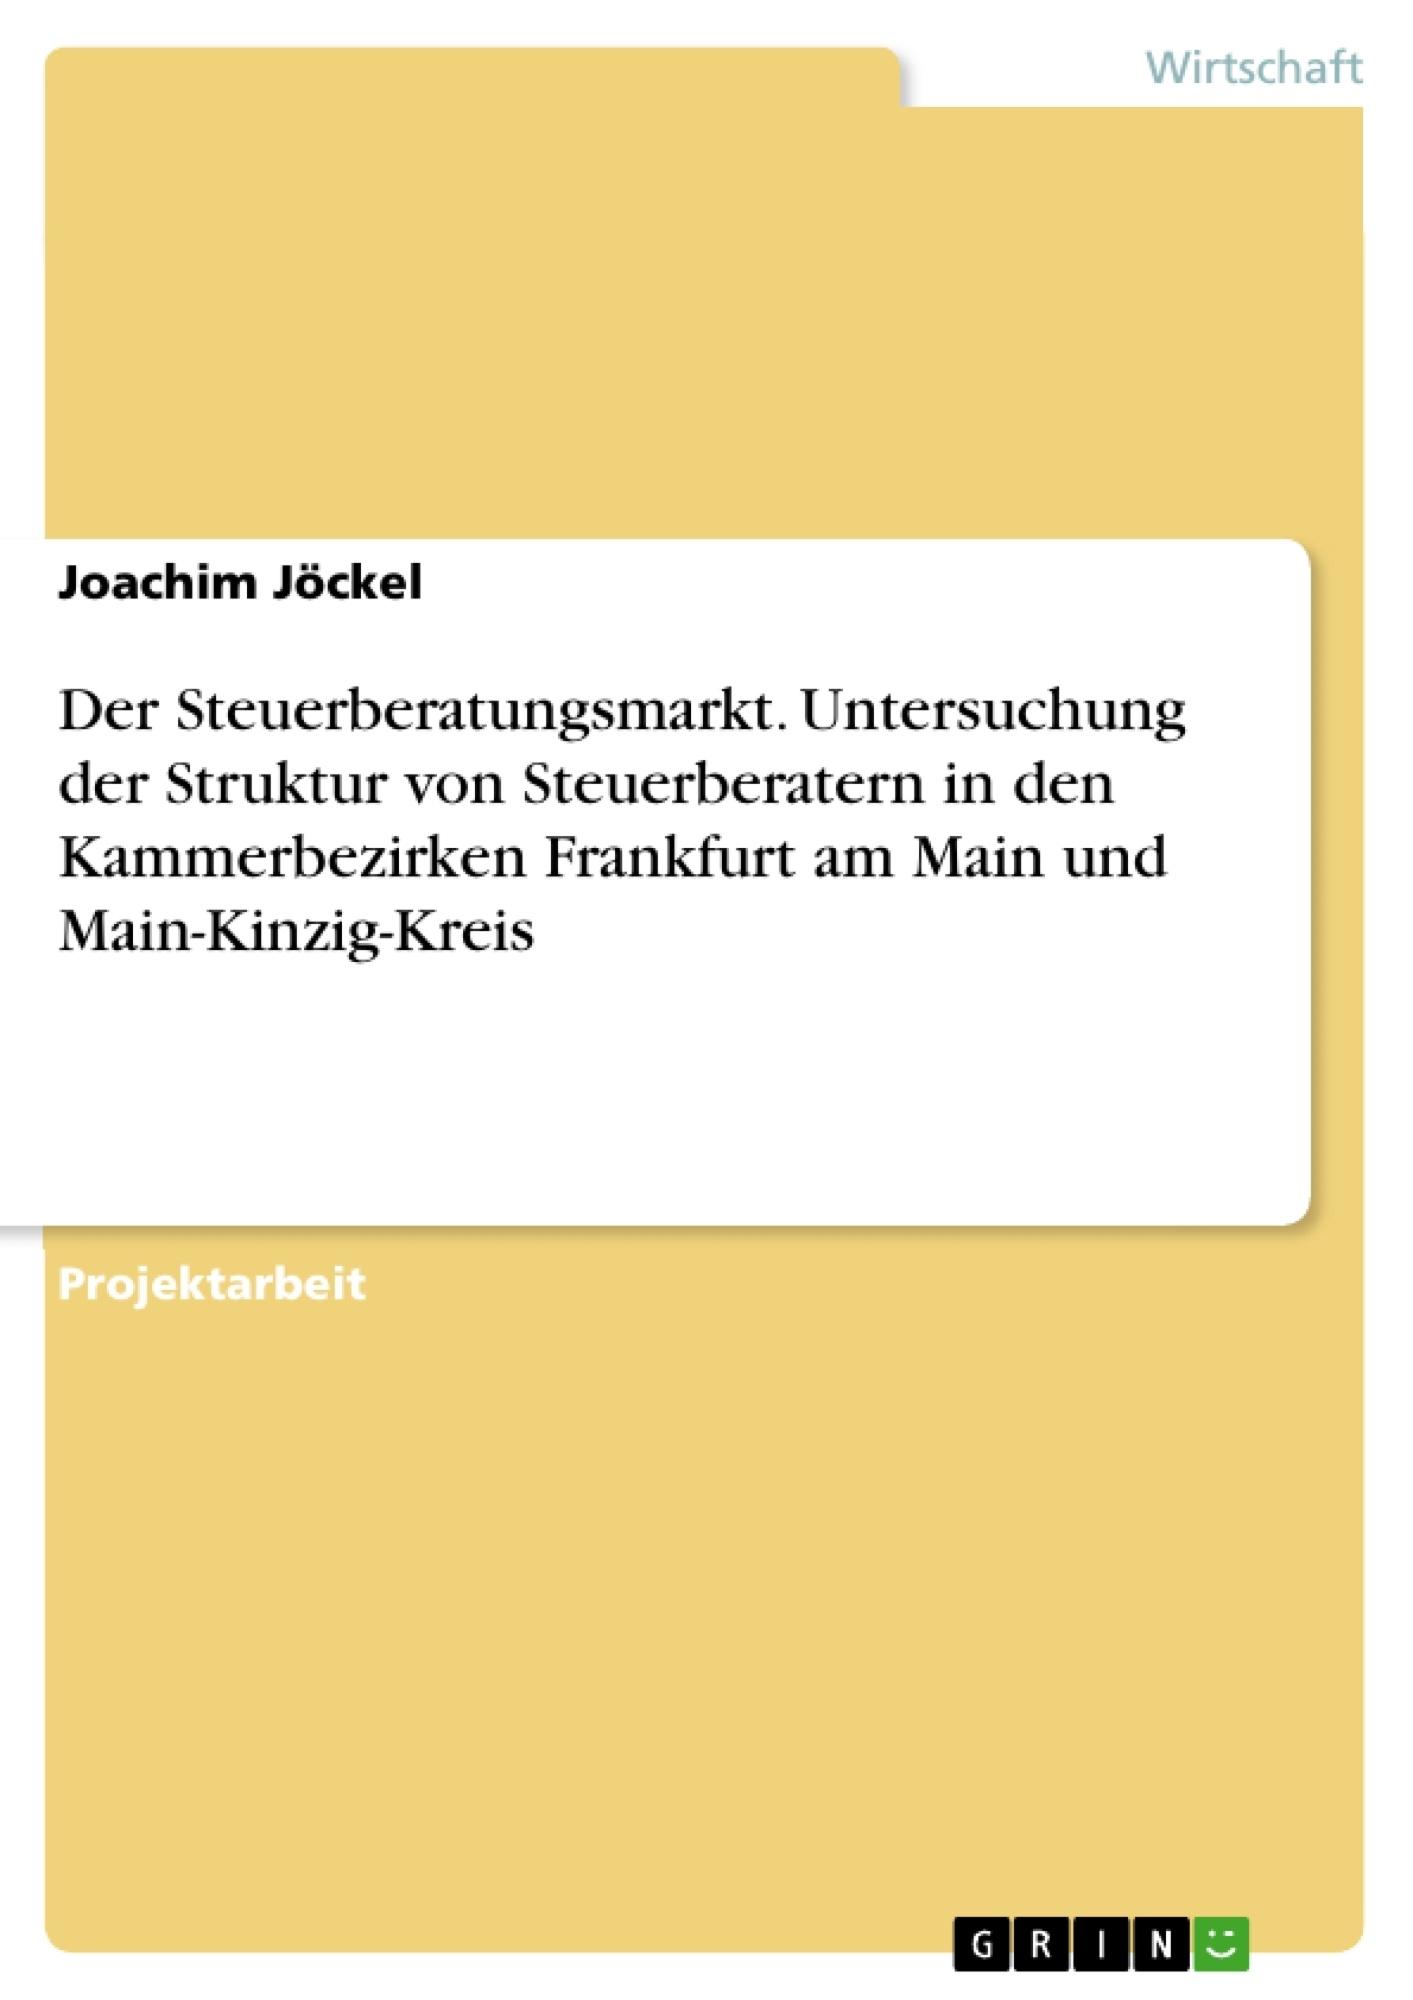 Titel: Der Steuerberatungsmarkt. Untersuchung der Struktur von Steuerberatern in den Kammerbezirken Frankfurt am Main und Main-Kinzig-Kreis